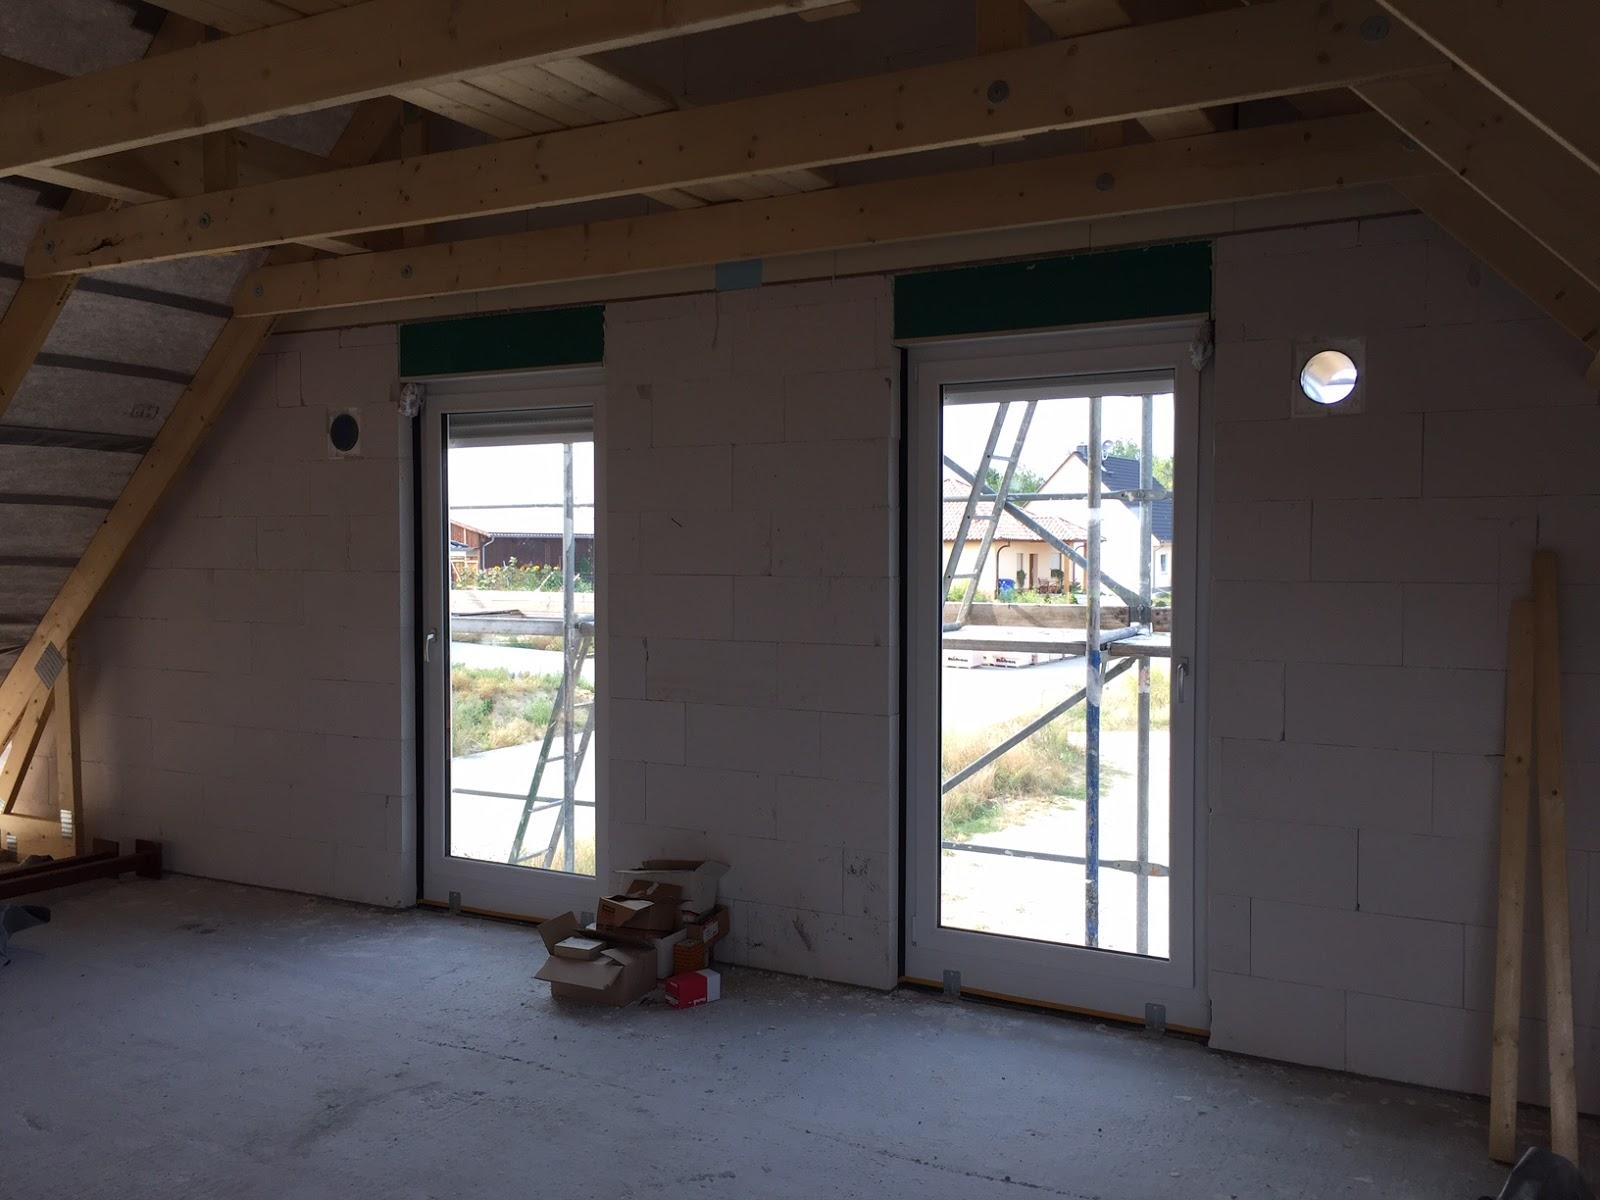 Einbau Fenster. Fenstereinbau Nach Enev. Norm Gerechter Einbau Von